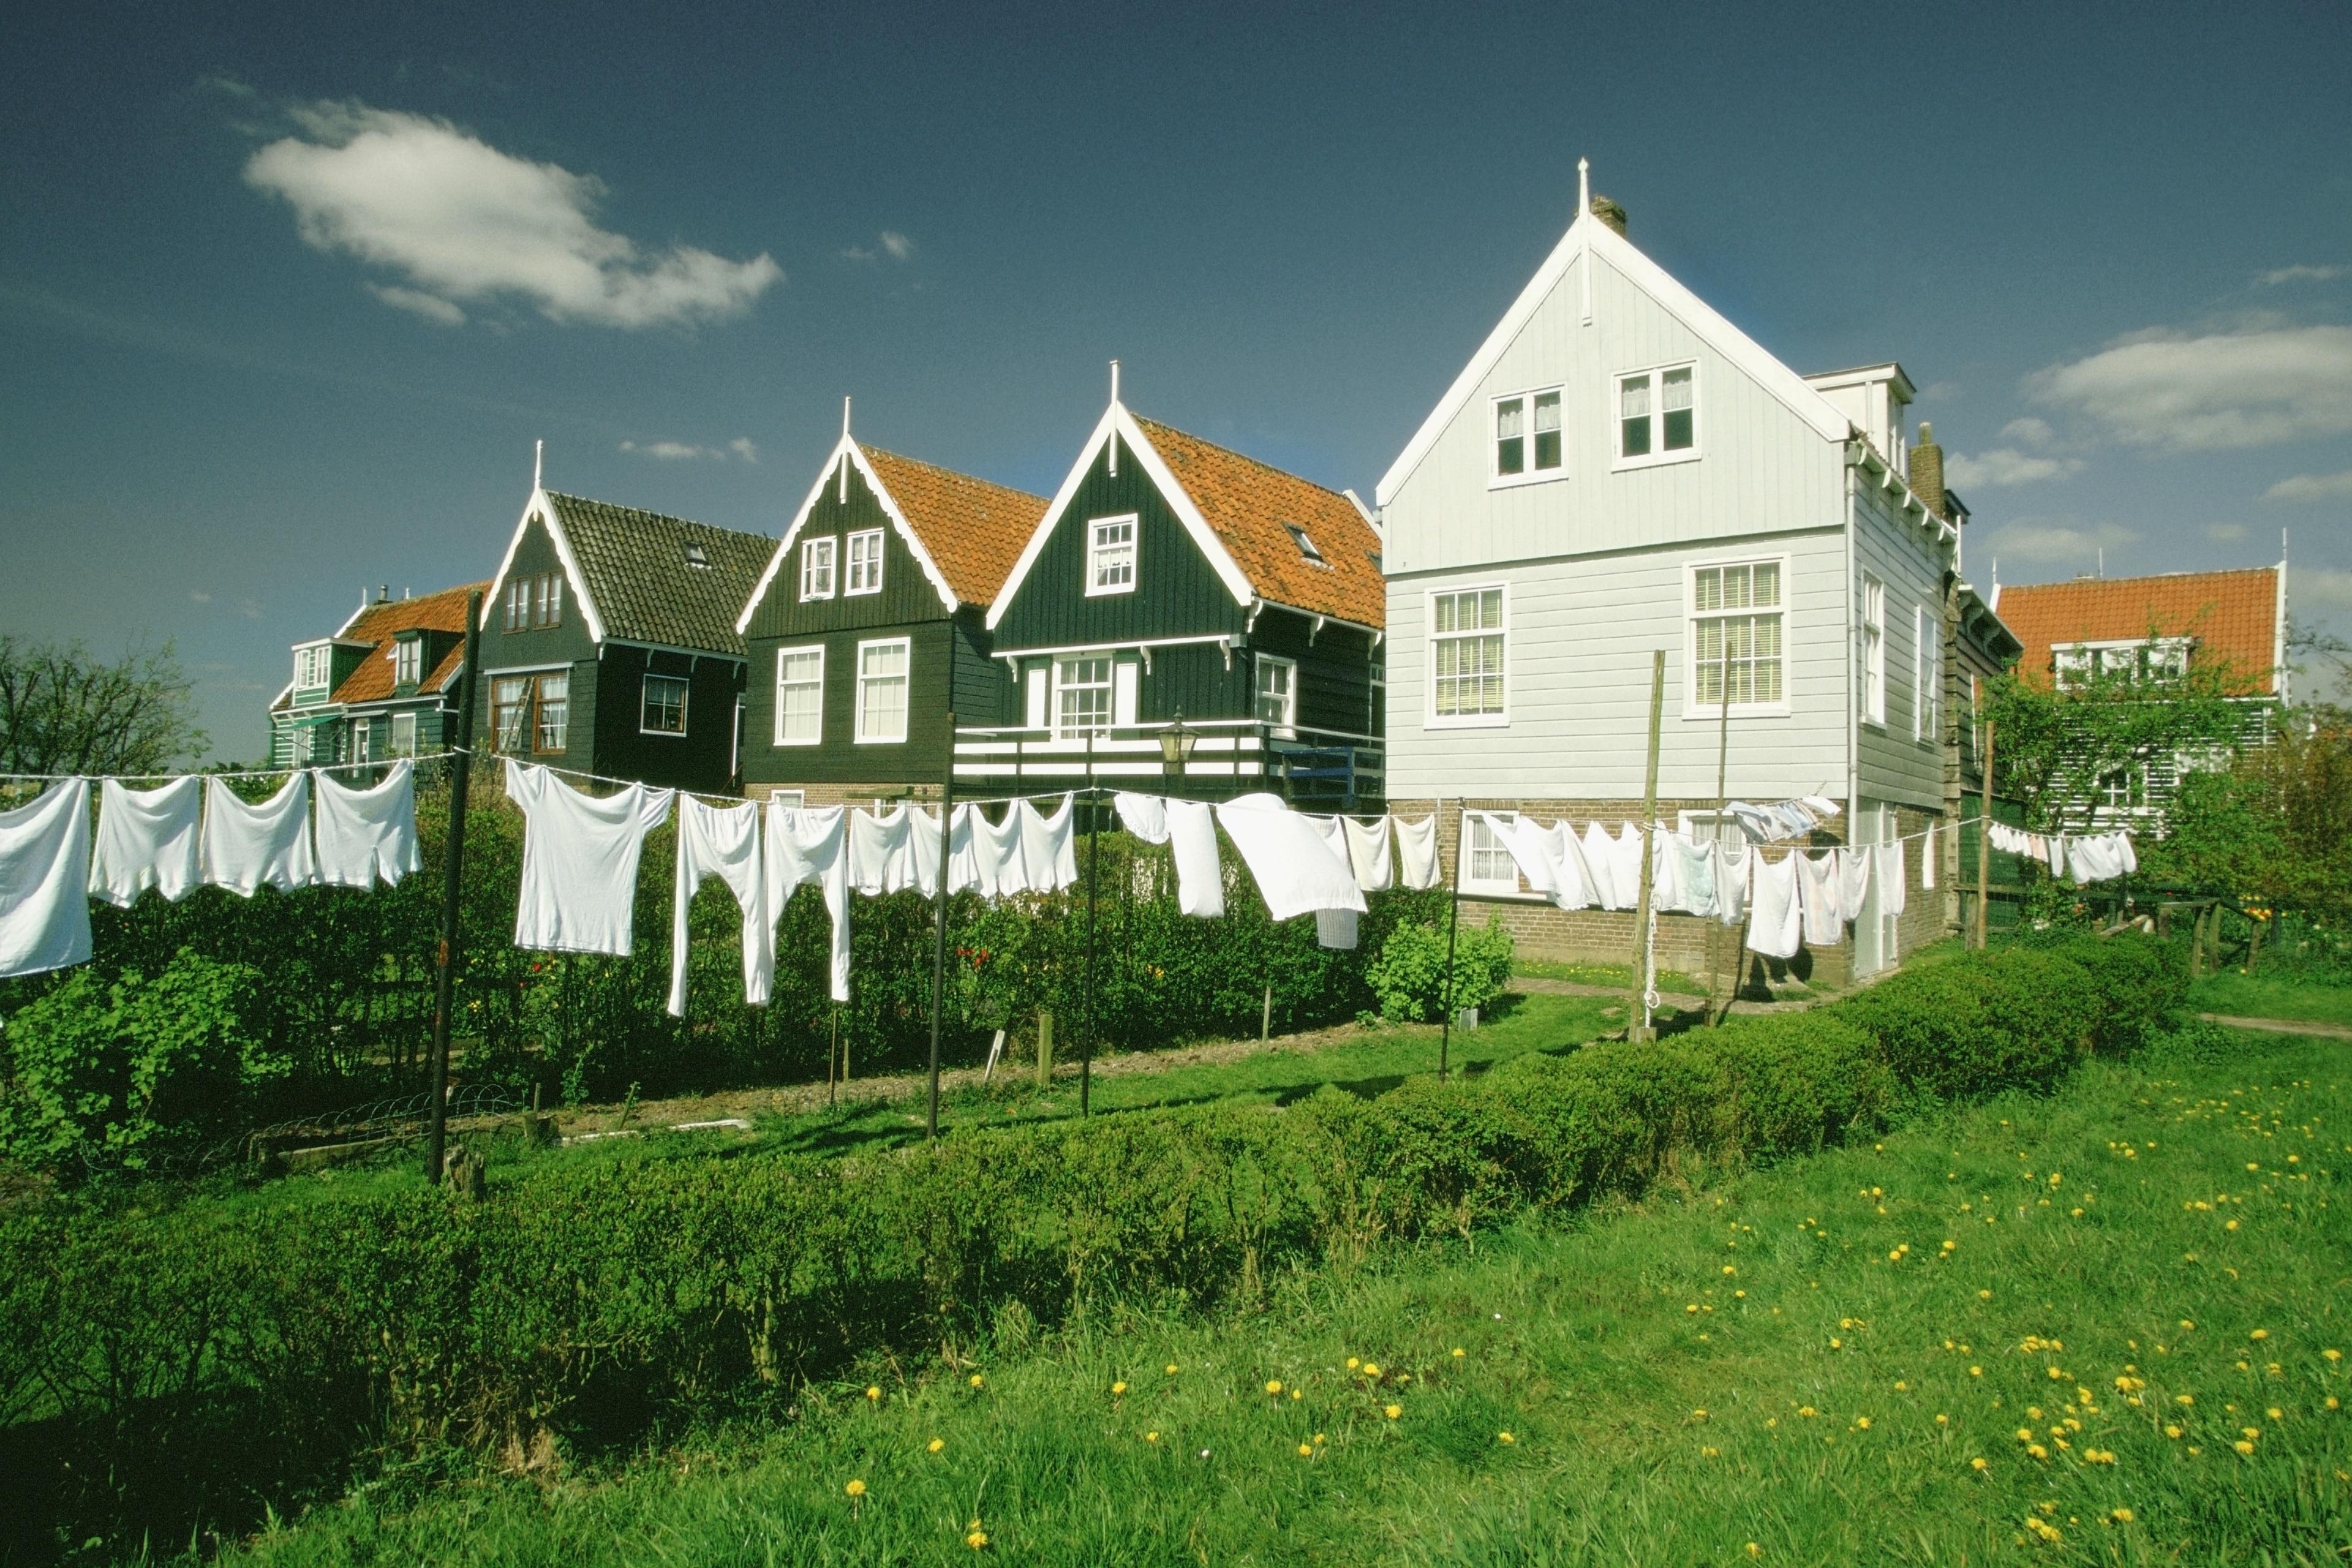 Municipality of Waterland, North Holland, Netherlands